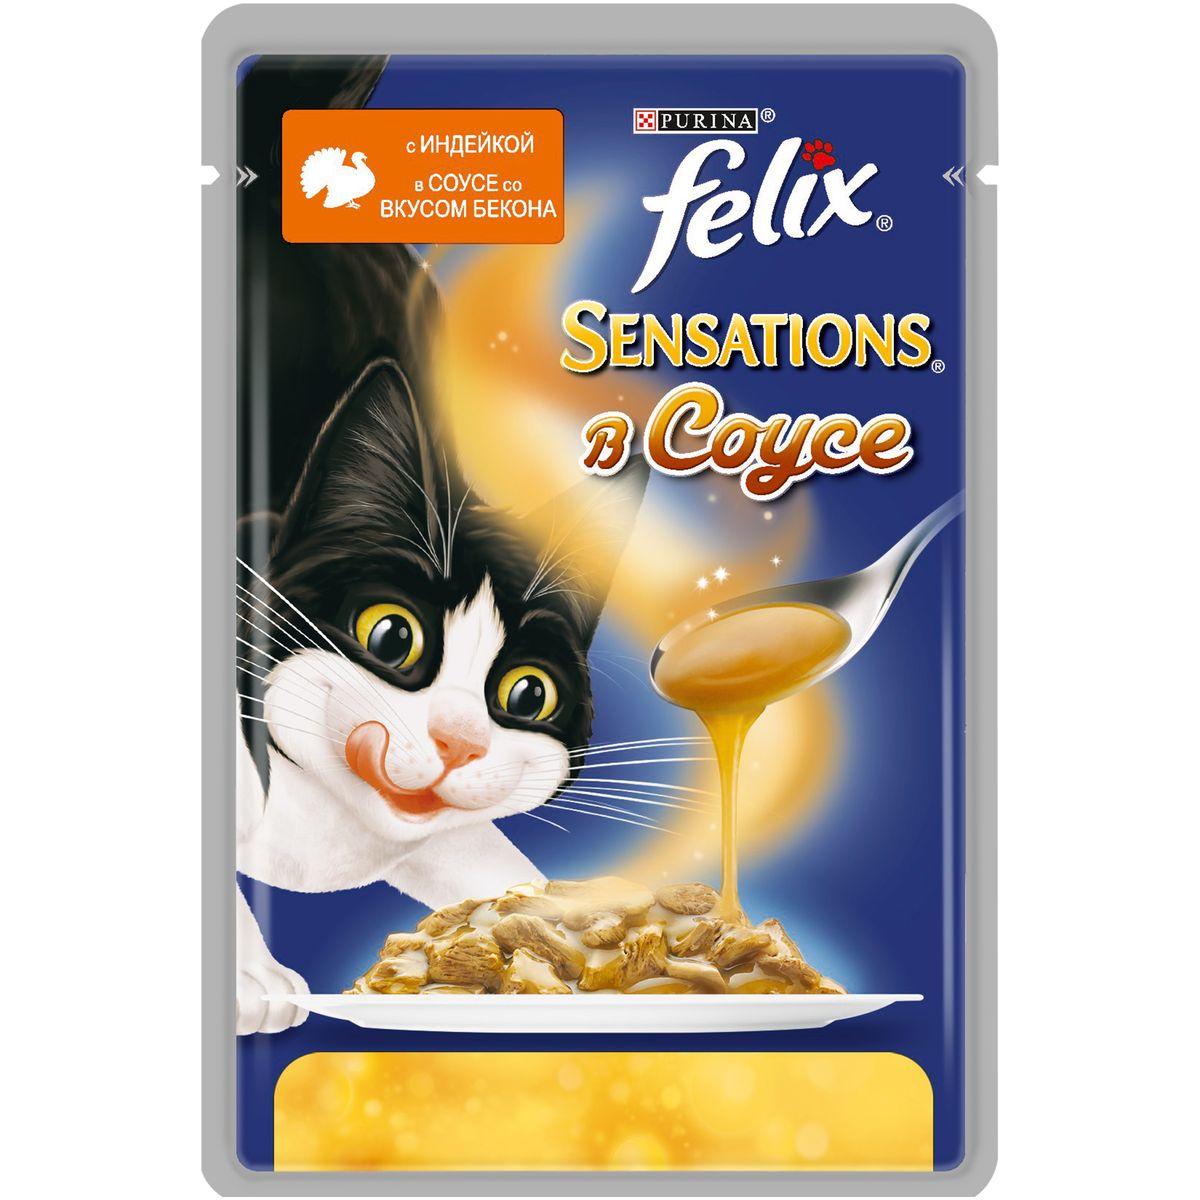 Консервы для кошек Felix Sensations, с индейкой в соусе со вкусом бекона, 85 г7613034957917Консервы для кошек Felix Sensations - консервированный полнорационный корм для взрослых кошек, с индейкой в соусе со вкусом бекона. Корм Felix Sensations - это необыкновенно вкусный корм для кошек с нежными мясными кусочками в соусах с разными вкусами для неожиданных вкусовых ощущений. Вам питомец не сможет устоять перед аппетитным внешним видом, ароматом и вкусом этого потрясающего корма. Корм содержит Омега-6 жирные кислоты, а также правильное сочетание белка и витаминов для полного удовлетворения ежедневных потребностей вашей кошки. Состав: мясо и продукты переработки мяса (из которых индейка 4%), экстракт растительного белка, рыба и продукты переработки рыбы, минеральные вещества, сахара, красители, витамины. Добавленные вещества (на 1 кг): витамин А 780 МЕ; витамин D3 120 МЕ; витамин Е 17 МЕ; железо 9 мг; йод 0,22 мг; медь 0,7 мг; марганец 1,7 мг; цинк 16 мг; таурин 490 мг; ароматизатор бекона 30 мг. Гарантируемые показатели: влажность 79%, белок...